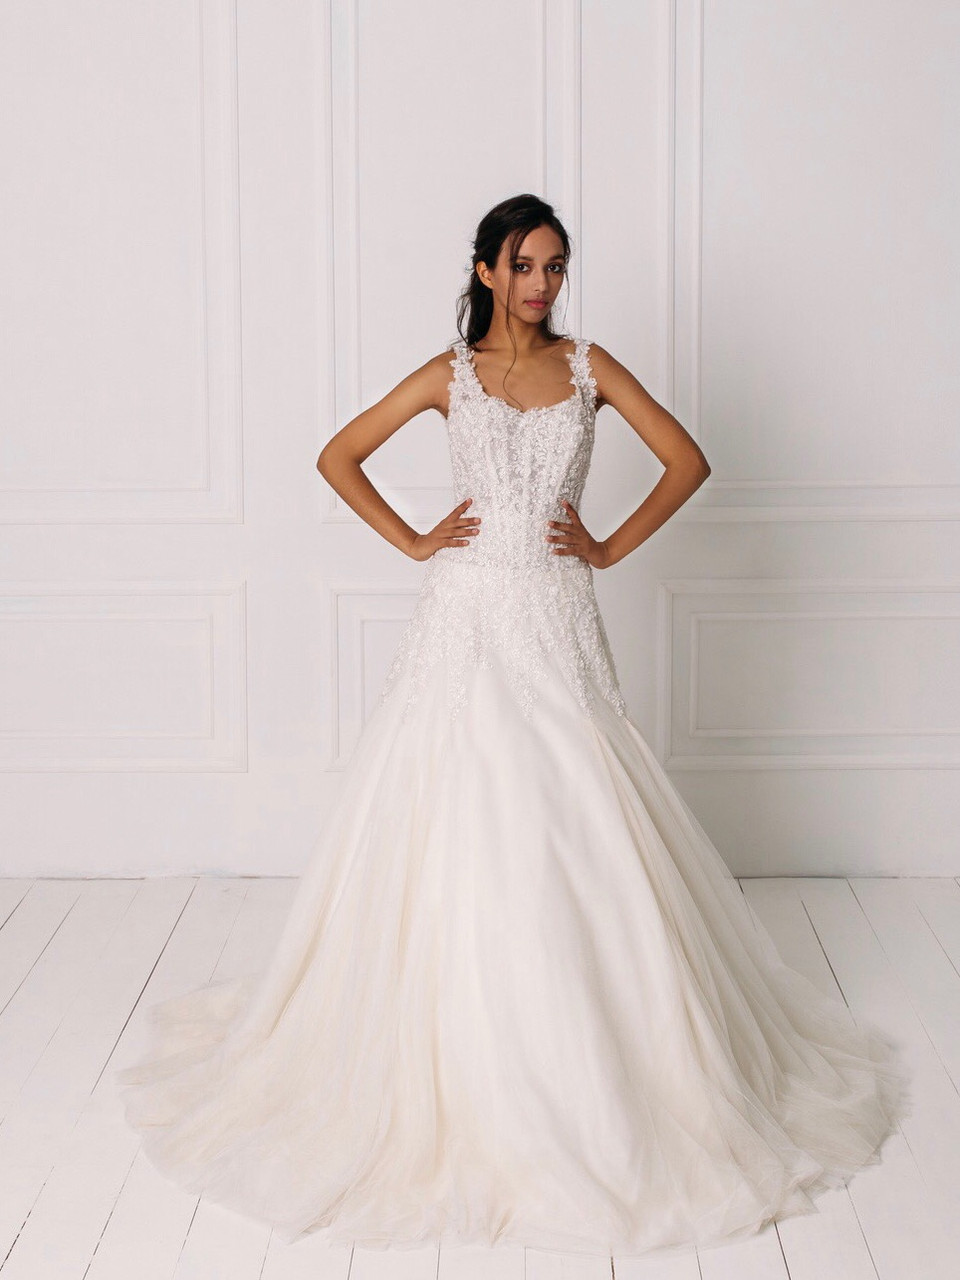 Свадебное платье с кружевом вышитым бисером и пышной юбкой